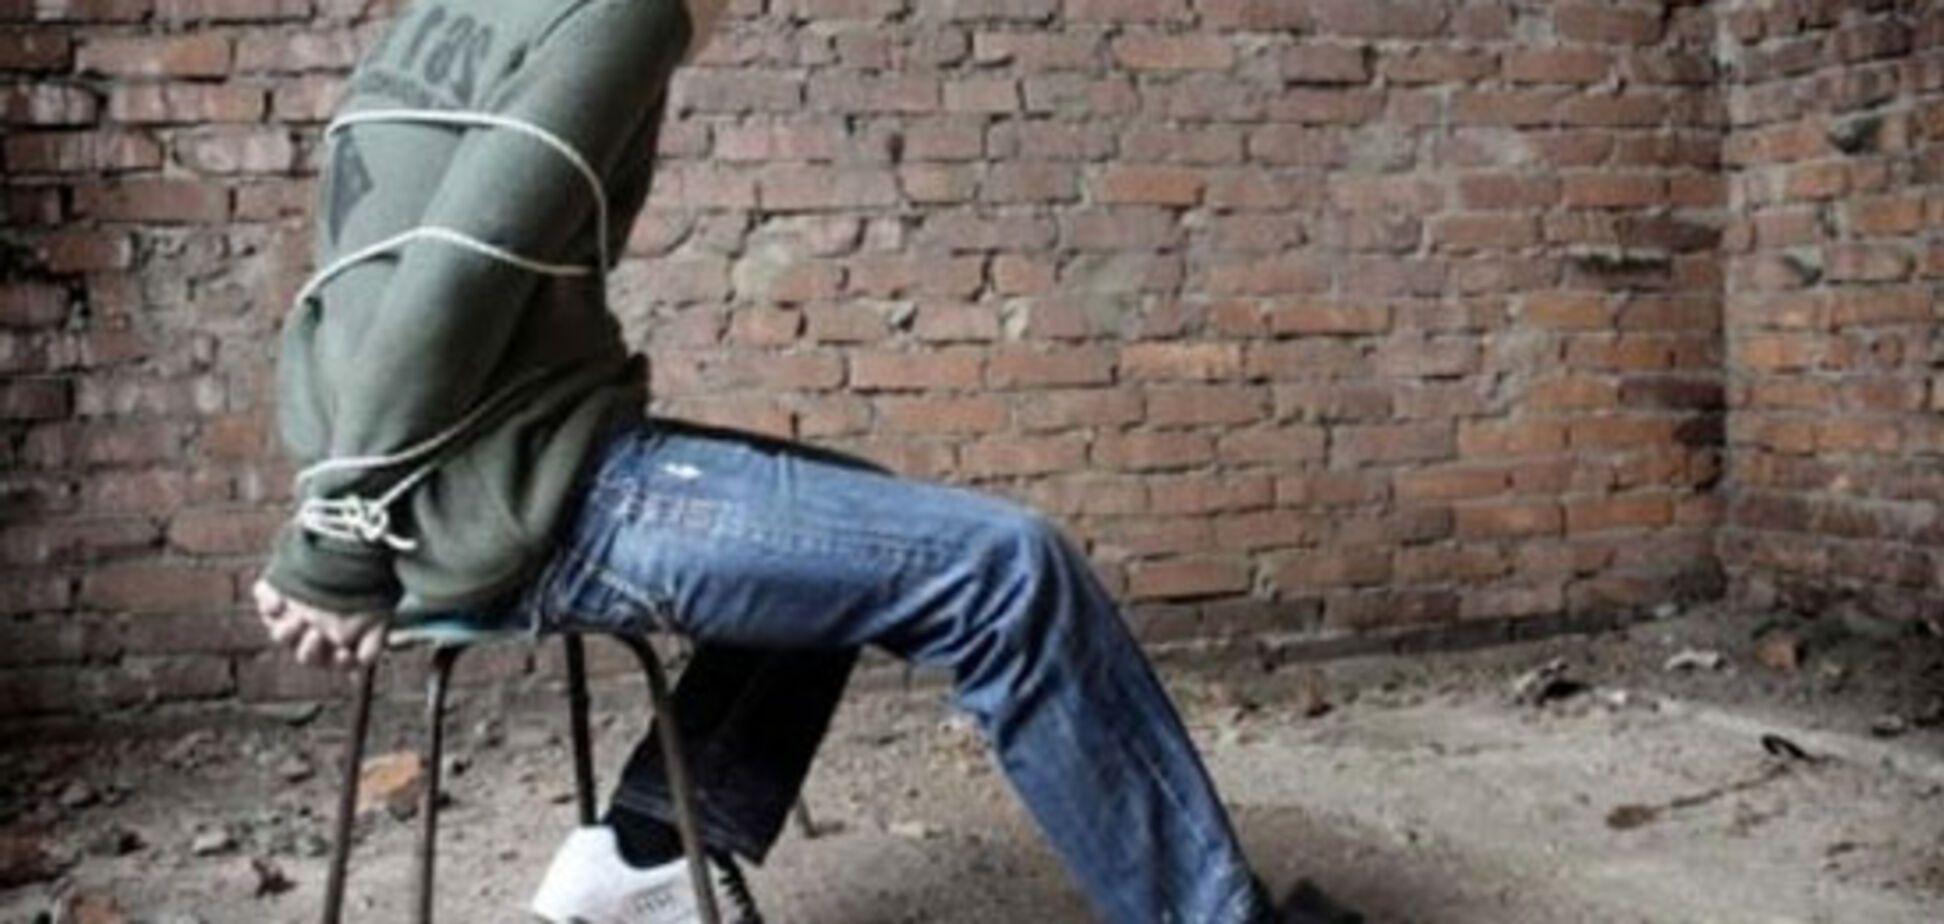 У Києві викрали бізнесмена: поліція оголосила план 'Сирена'